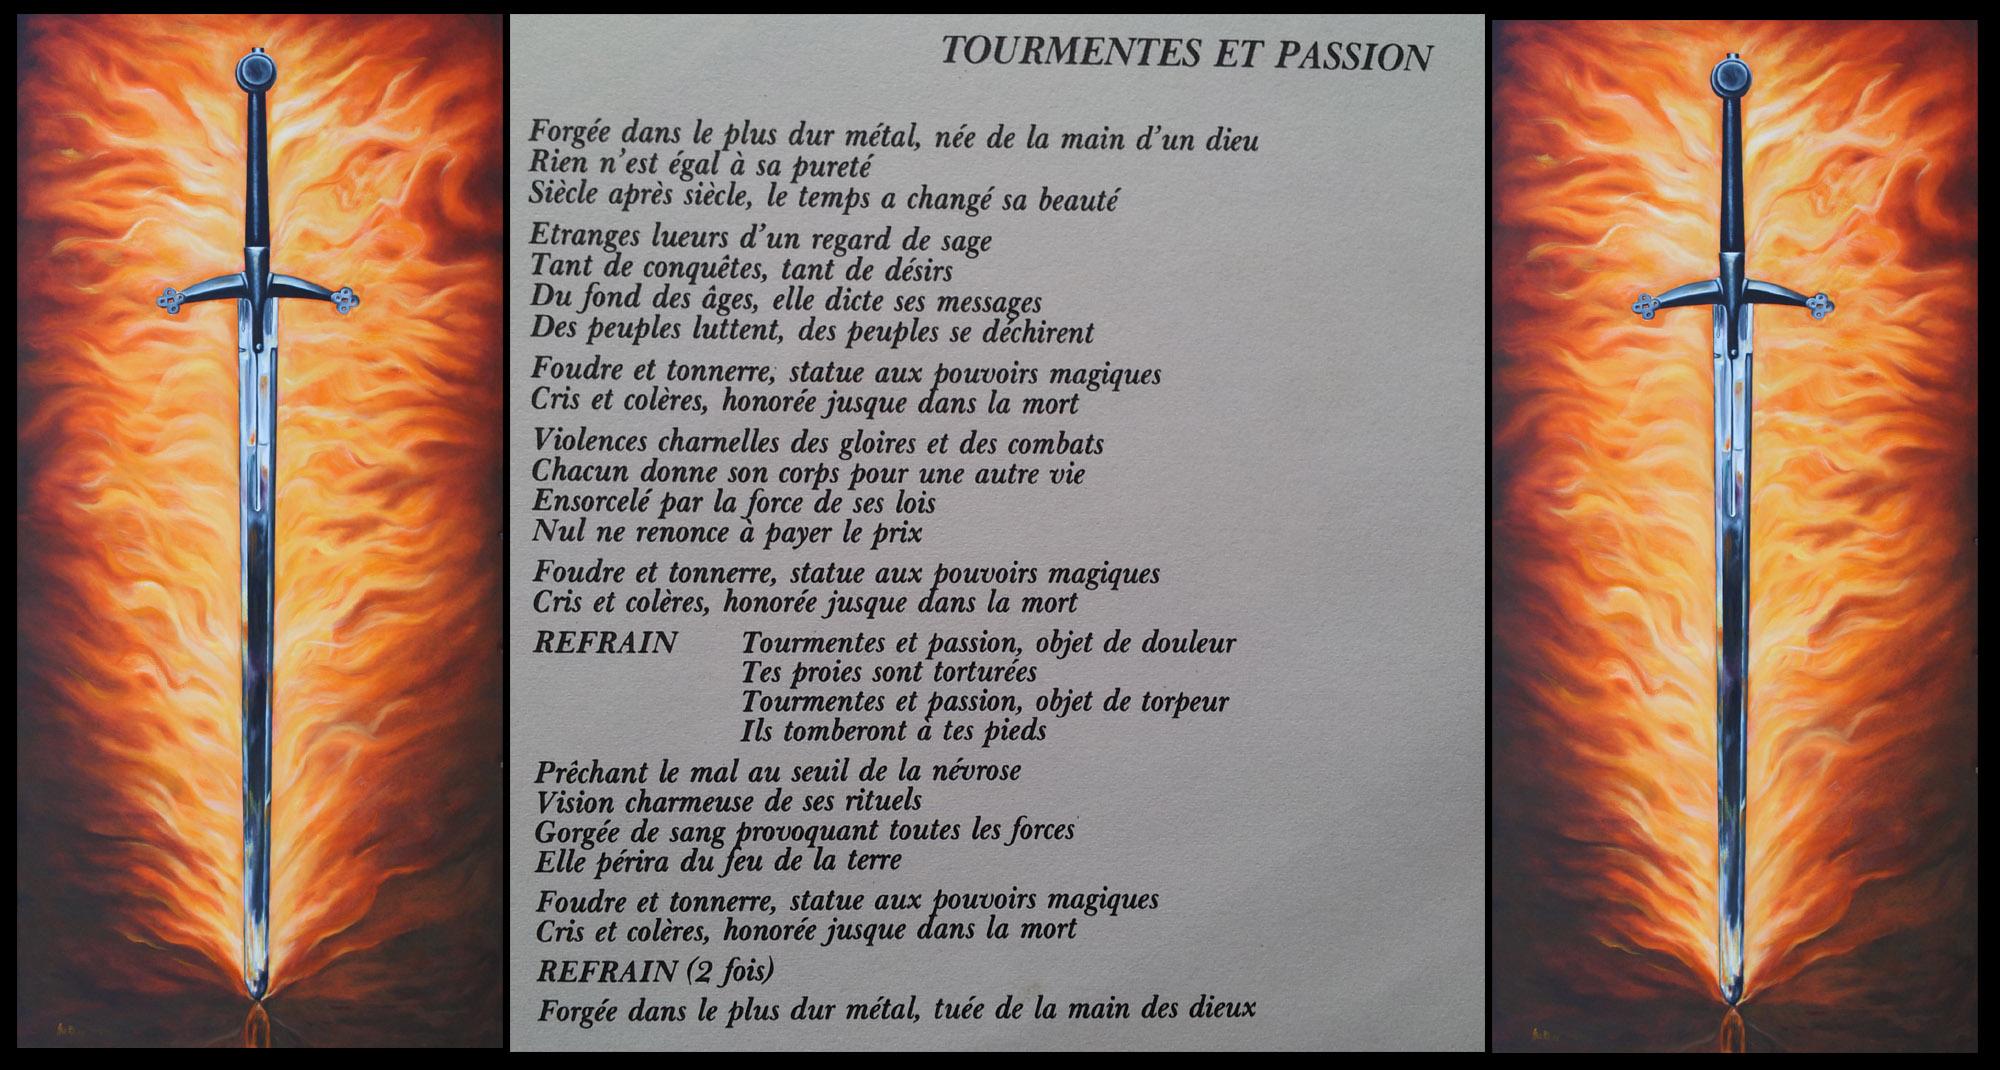 ADX La terreur (1986) (Toutes les paroles) Tourme10